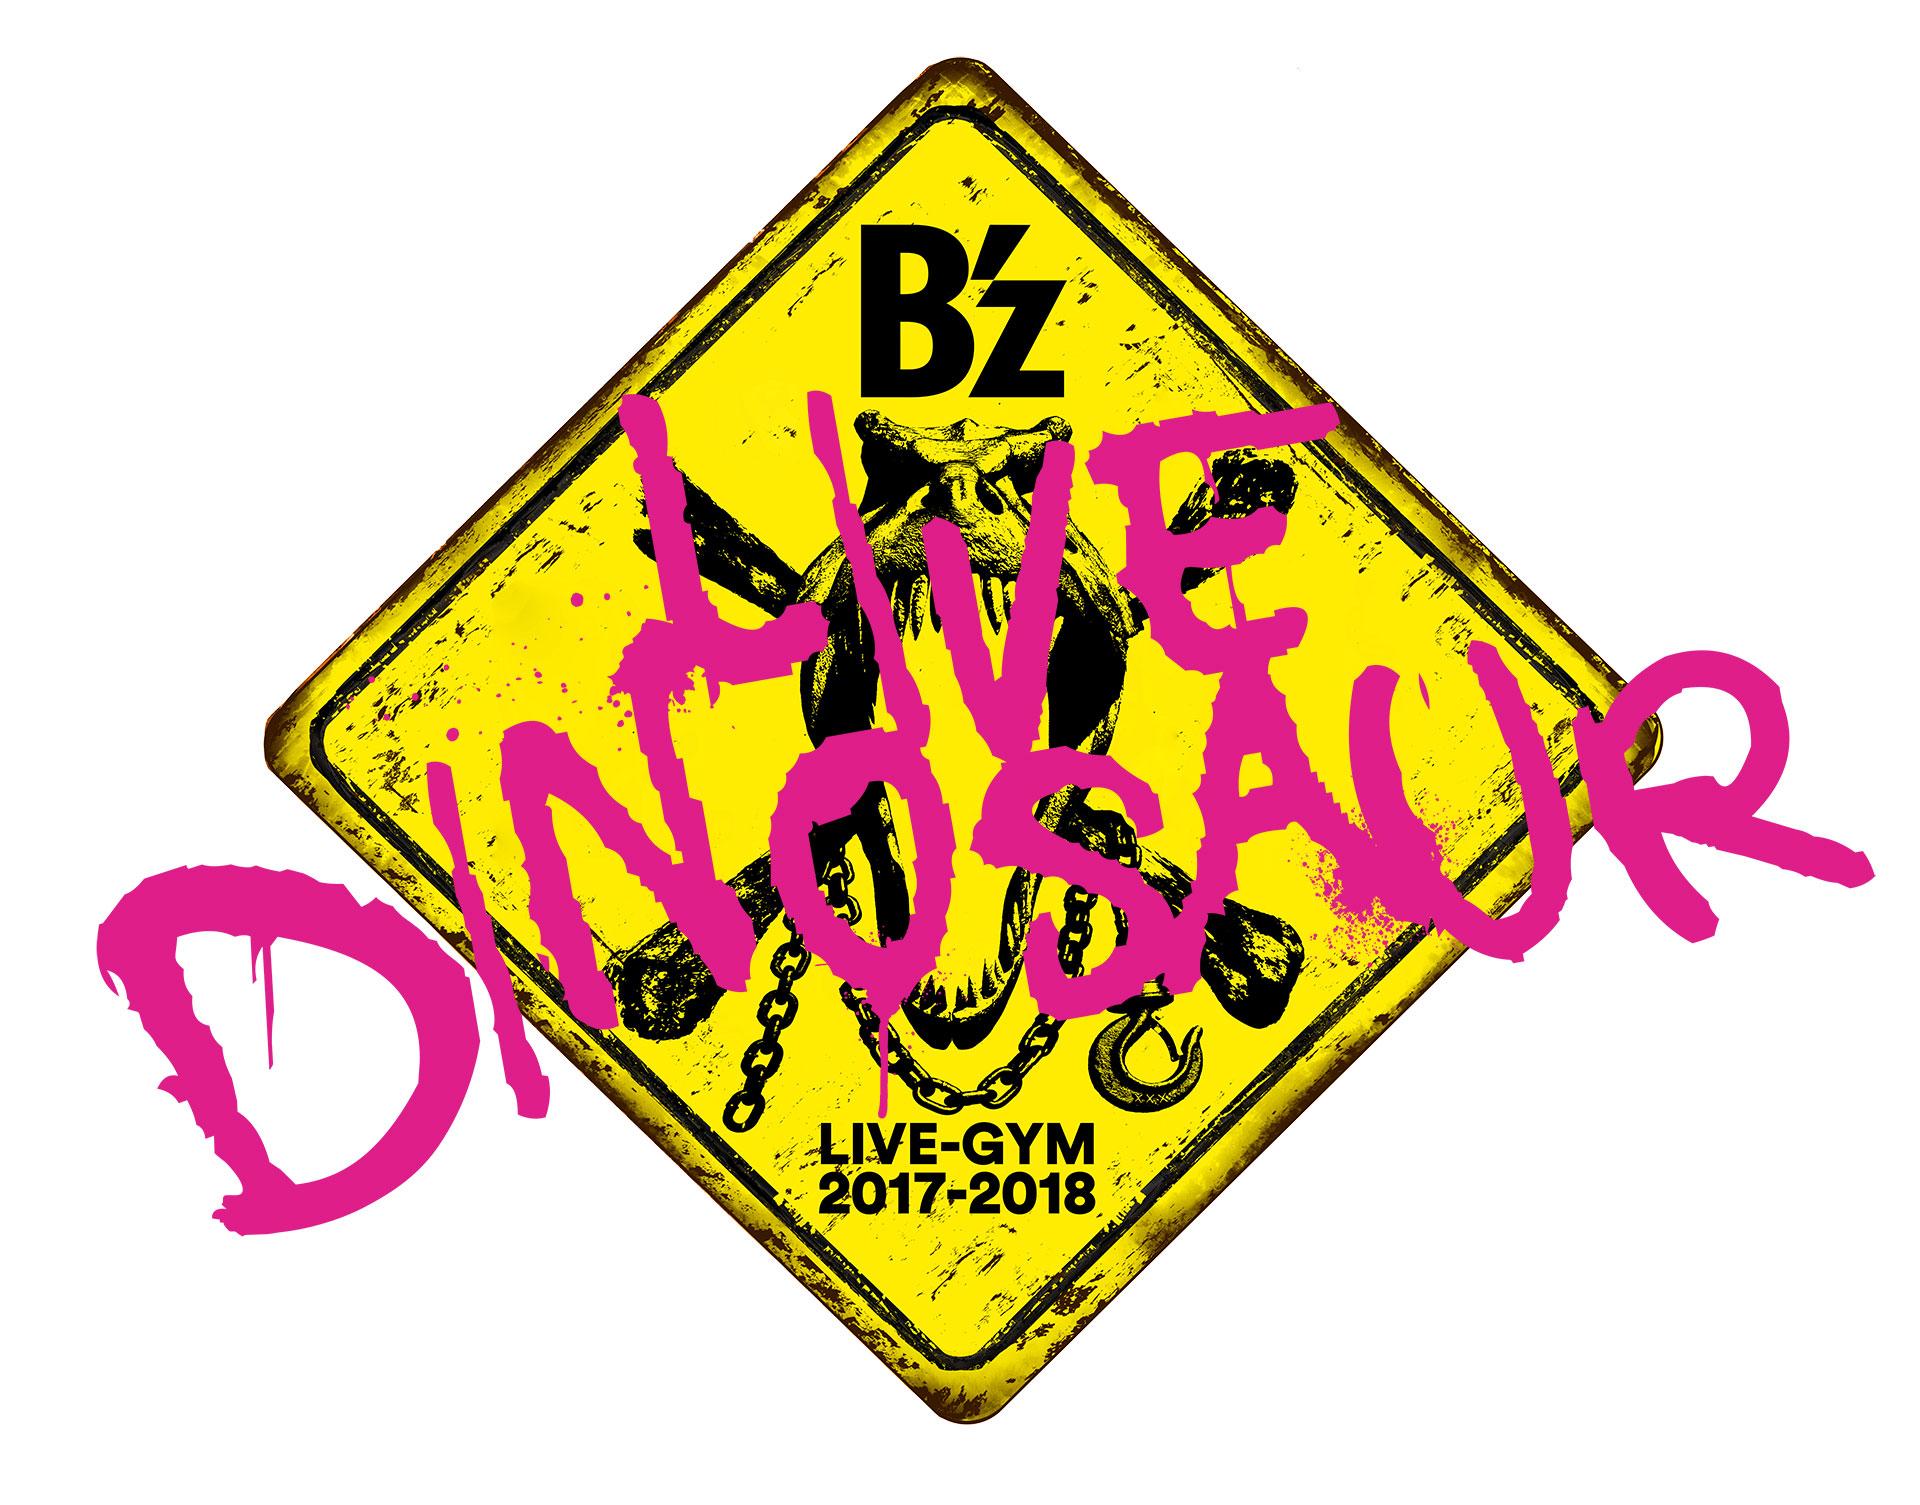 bz_live_dinosaur_logo